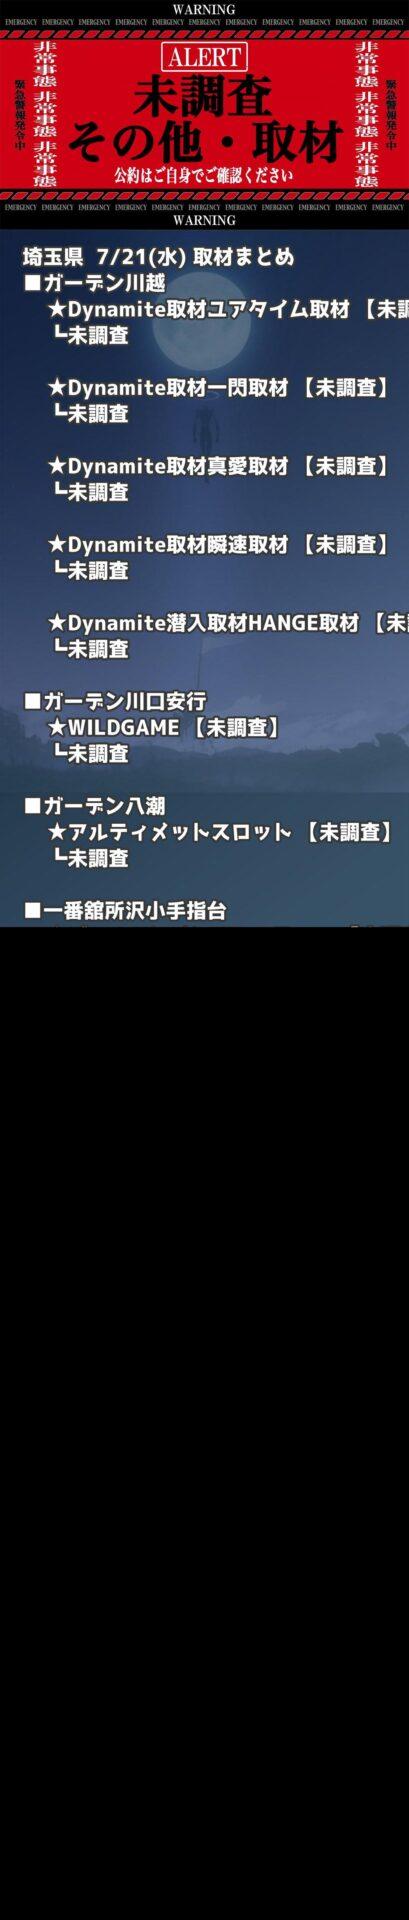 埼玉県_2021-07-21_未調査_パチンコ・パチスロ